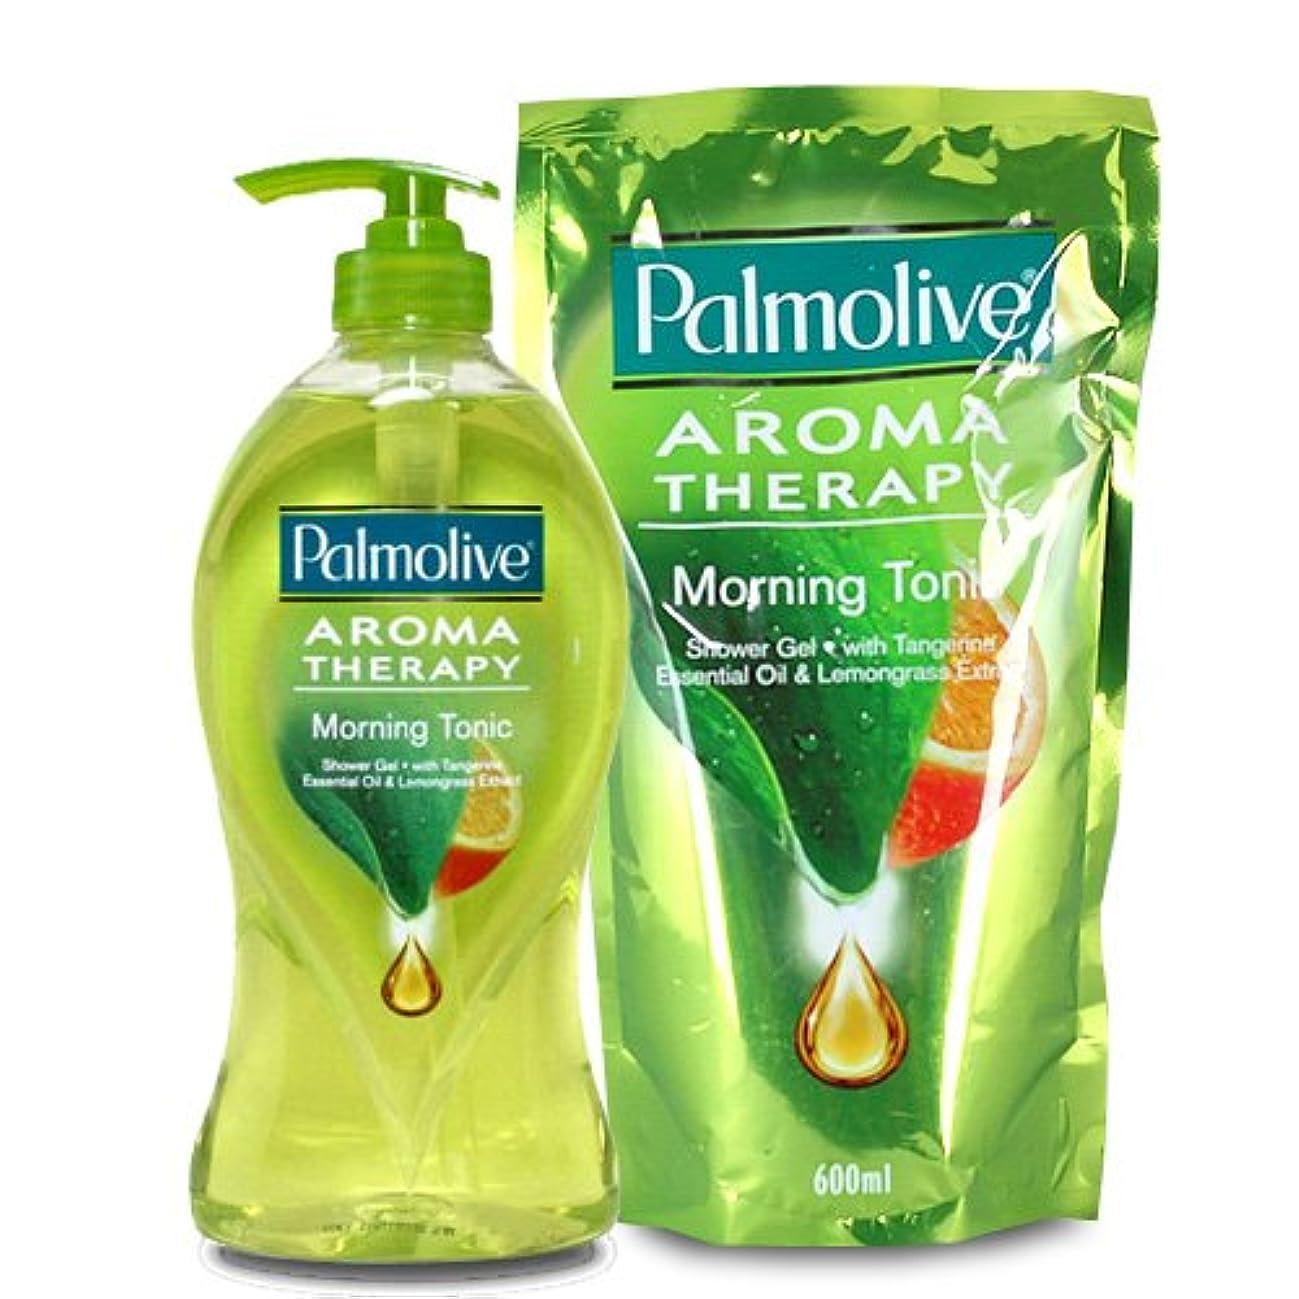 ジュニアどっち言い換えると【Palmolive】パルモリーブ アロマセラピーシャワージェル ボトルと詰め替えのセット (モーニングトニック)